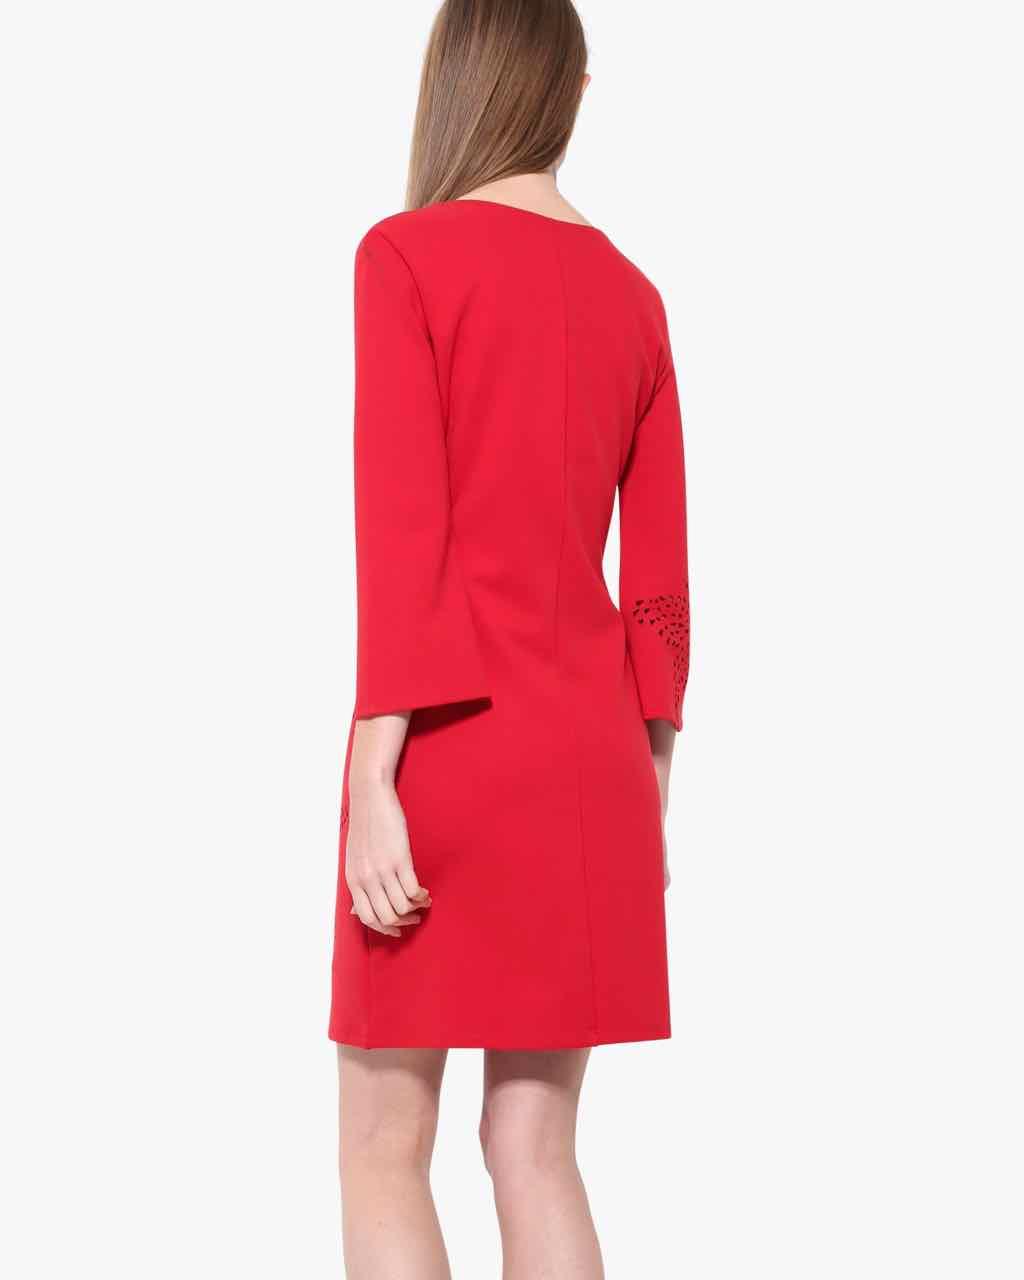 17WWVK44_3136 Desigual Red Dress Dominique Canada